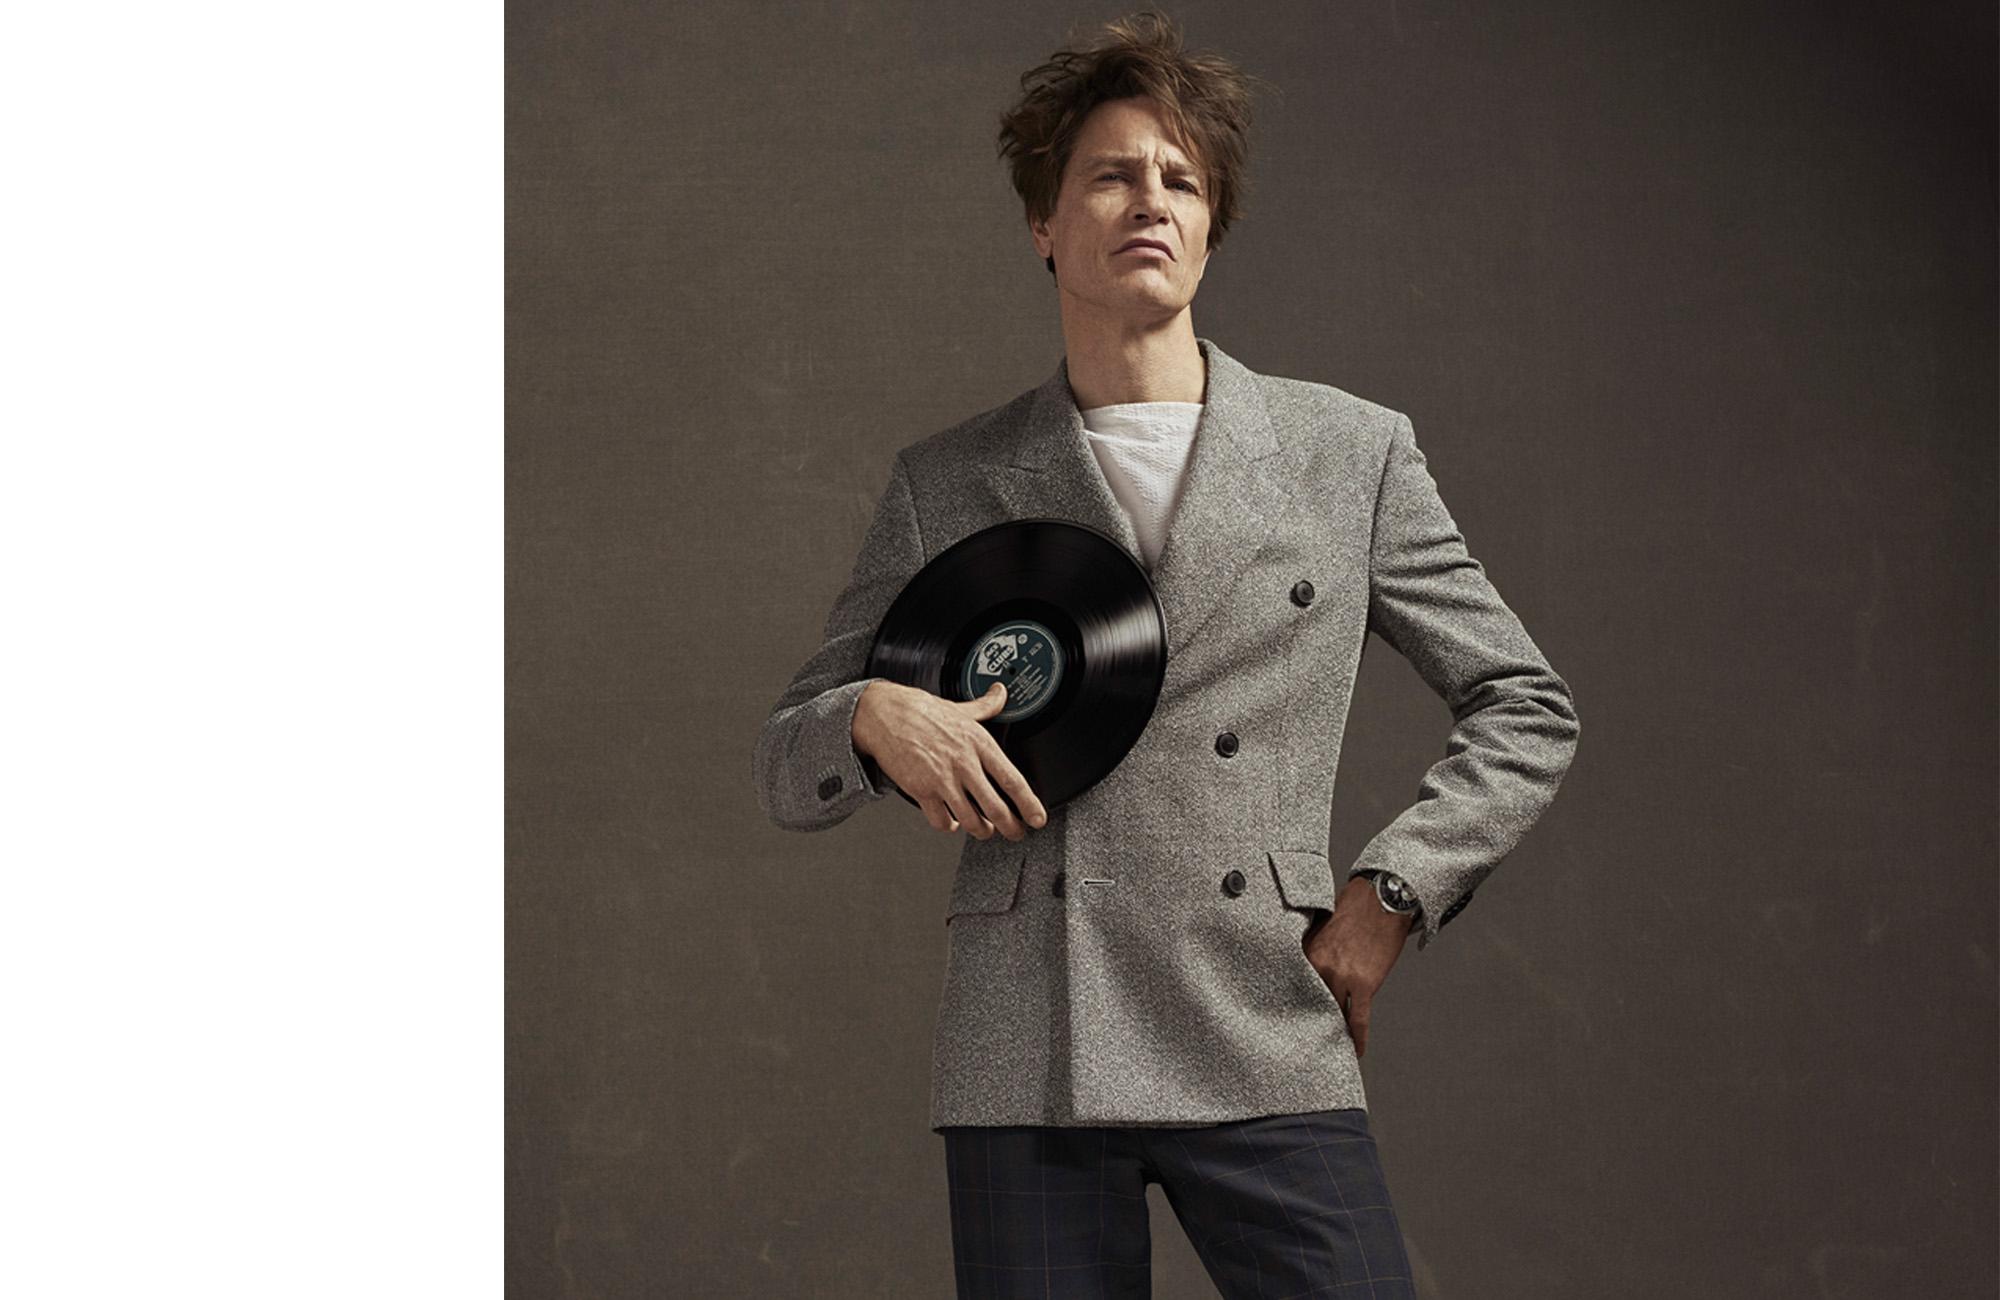 Esquire Magazine – Composer - 5 of 7